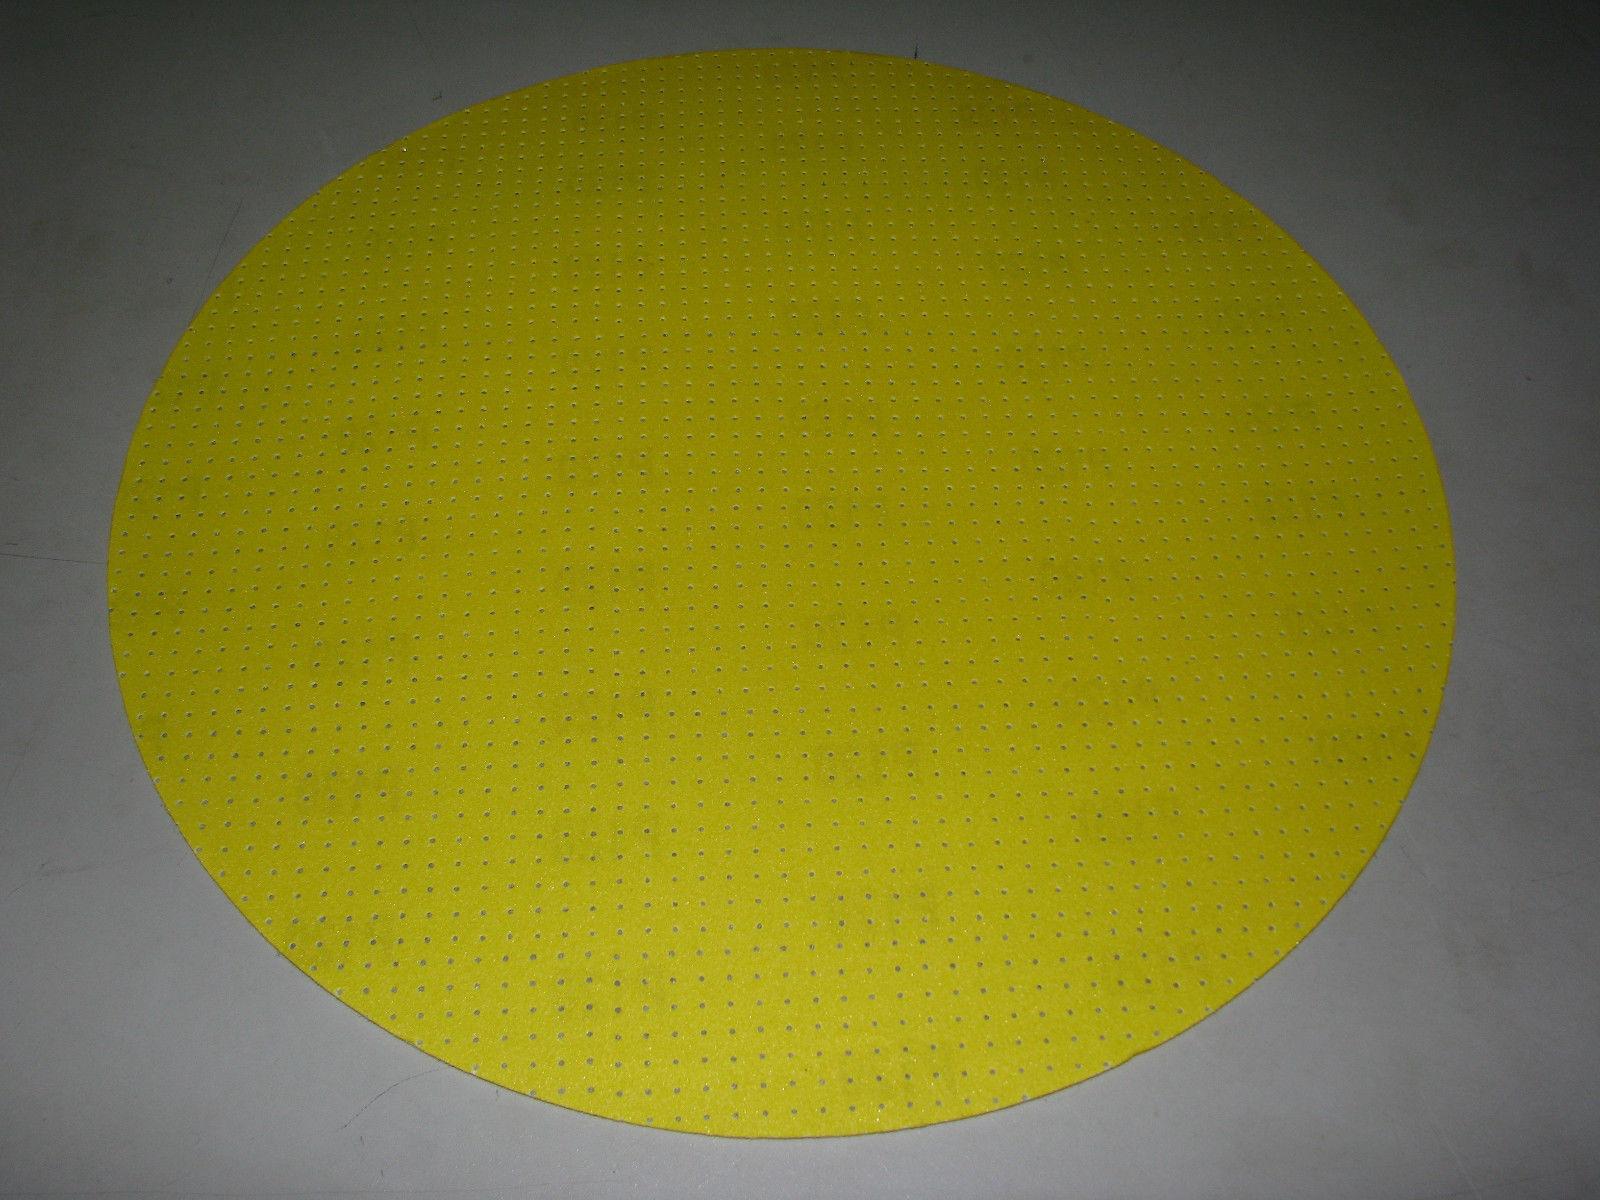 10x Schleifpapier ø 406 mm perforiert Korn 60 80 100 120 150 Klett Menzer 400